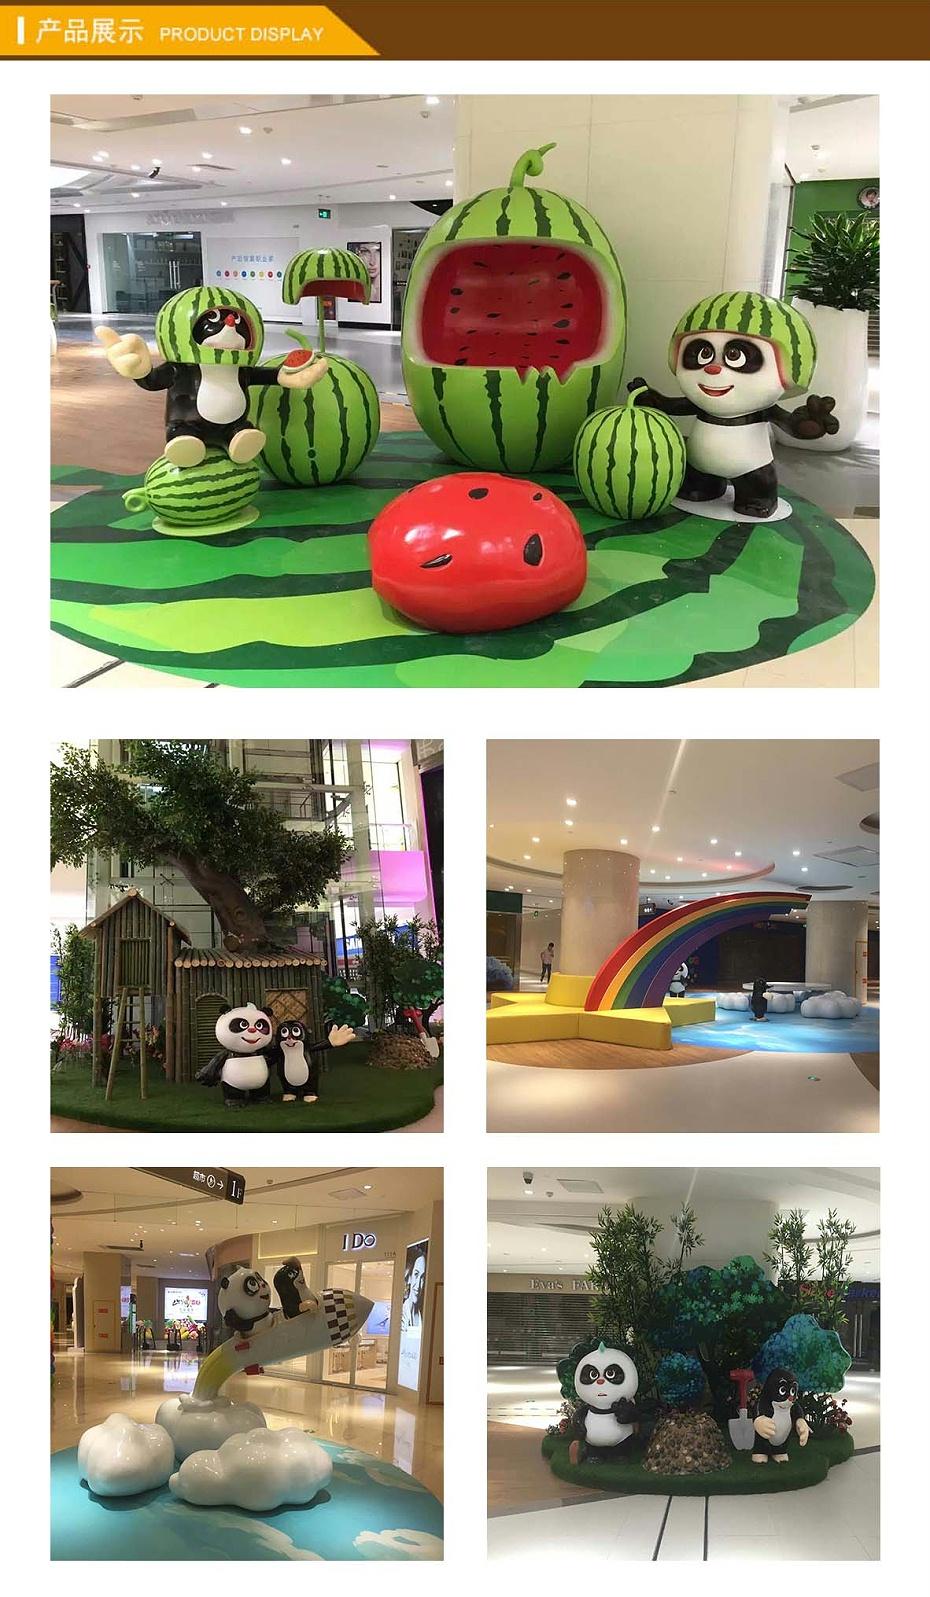 熊猫和鼹鼠主题展